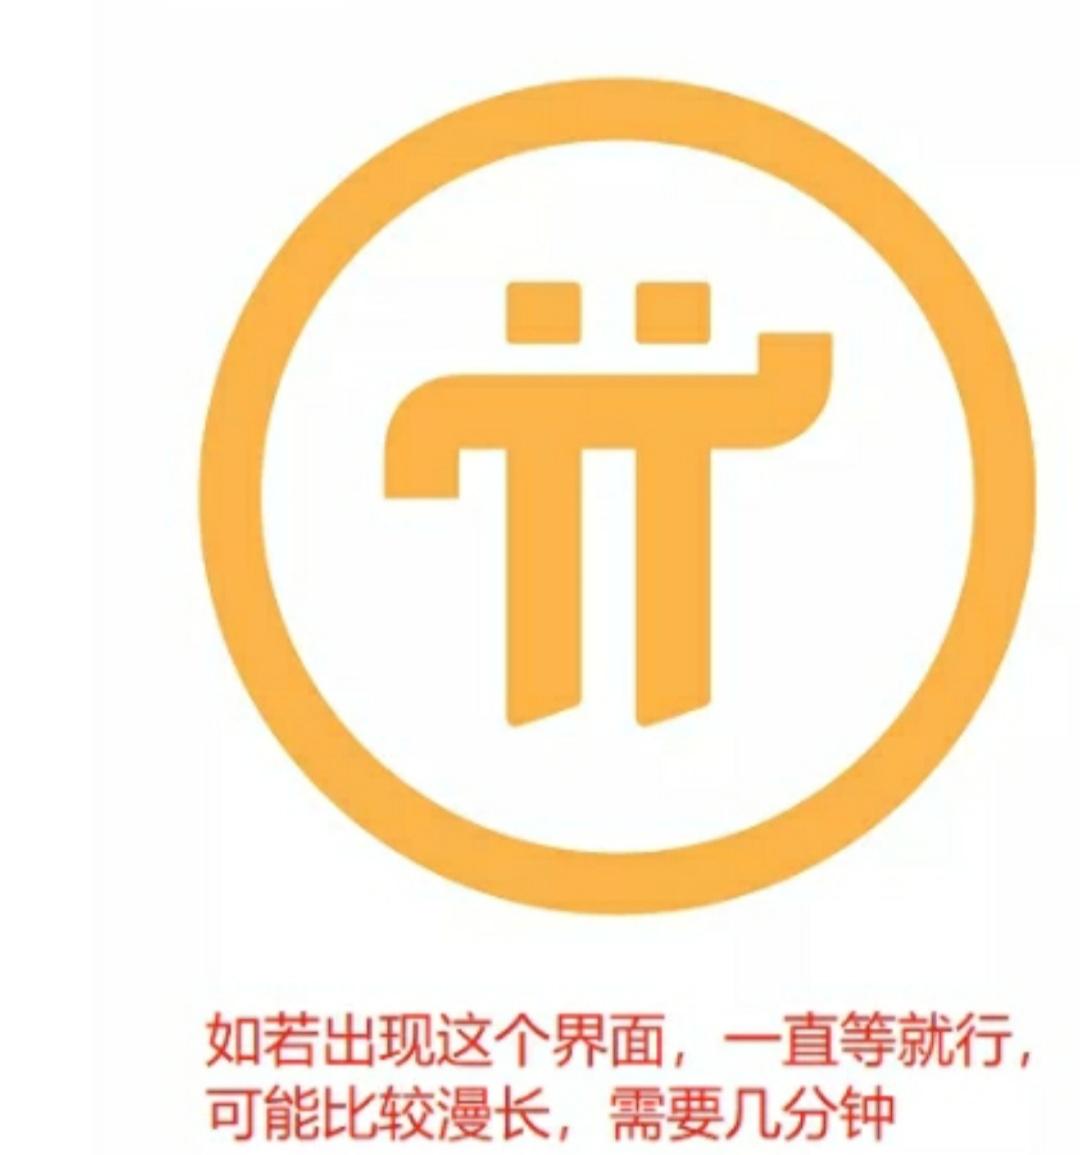 《pi network》官方最新版下载地址